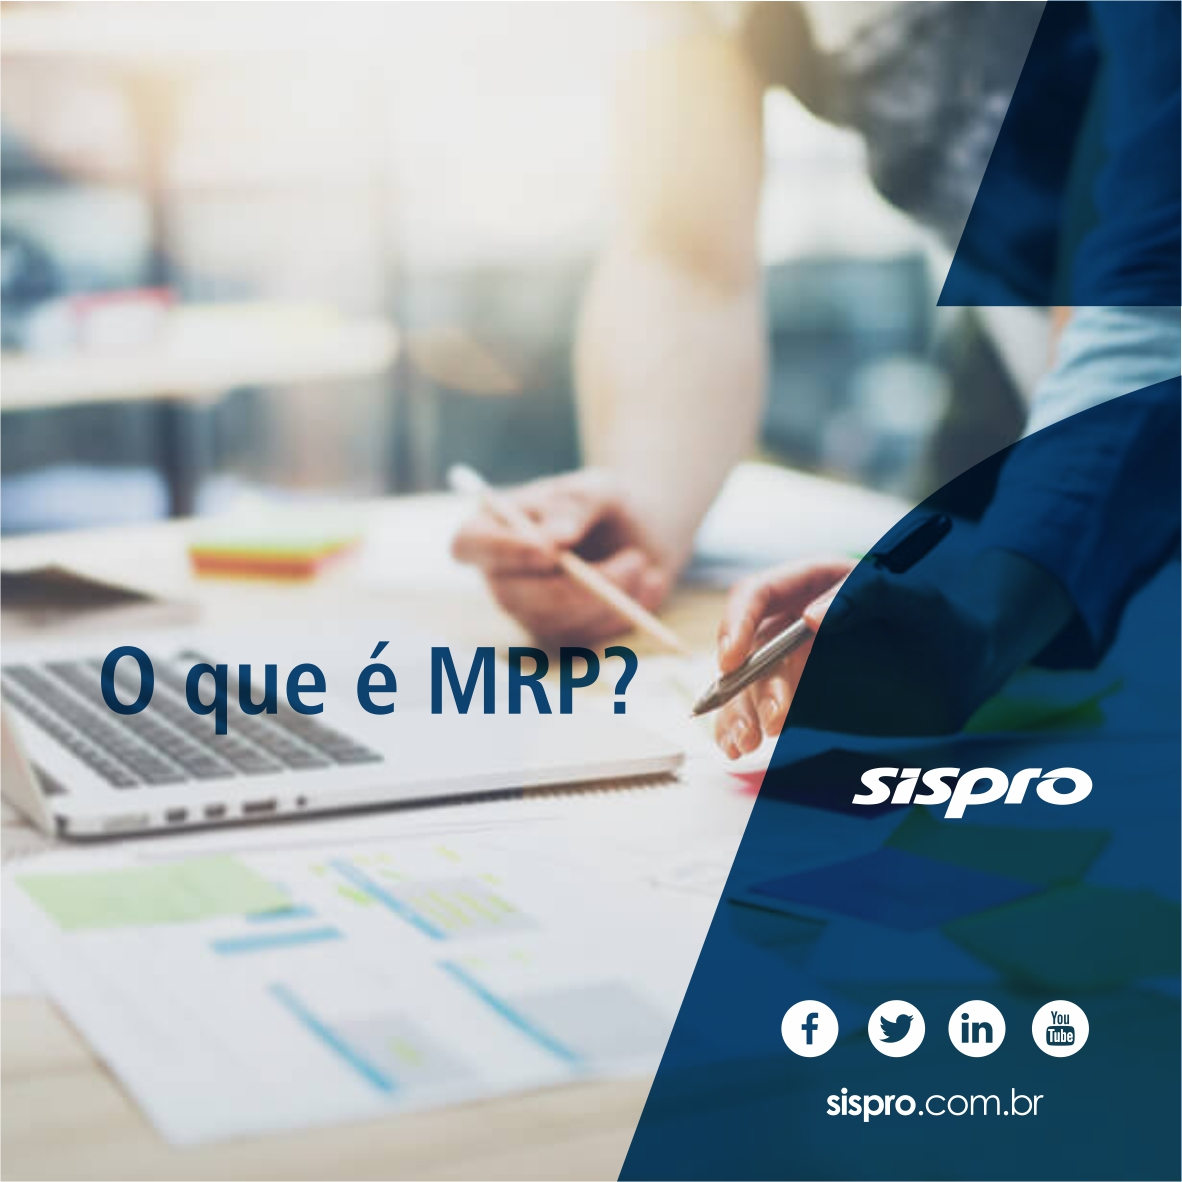 O que é MRP?